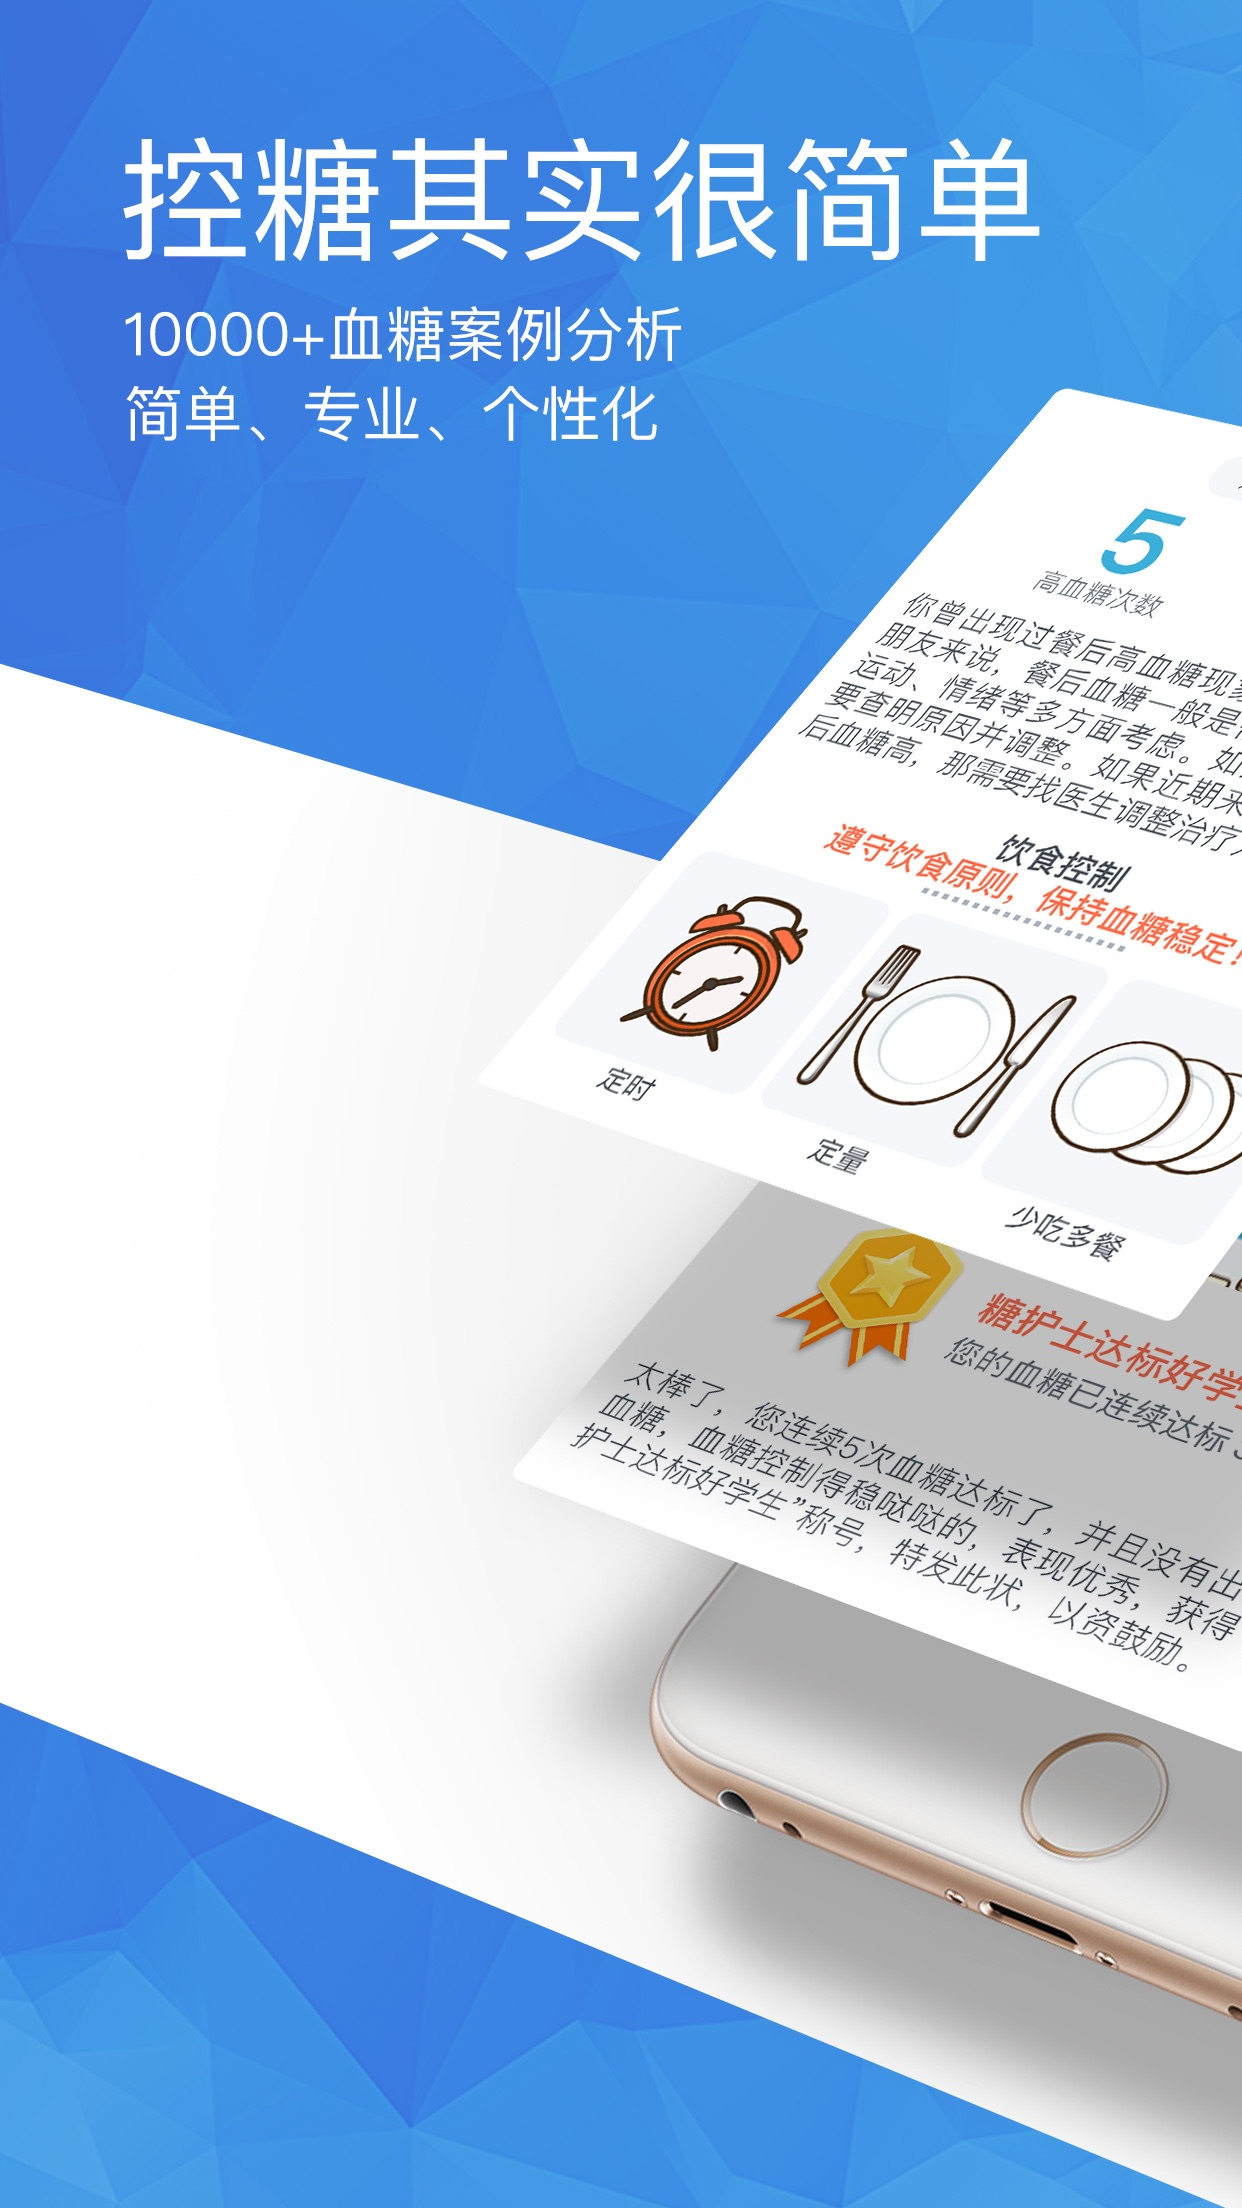 糖护士-糖尿病管理测血糖助手 Screenshot